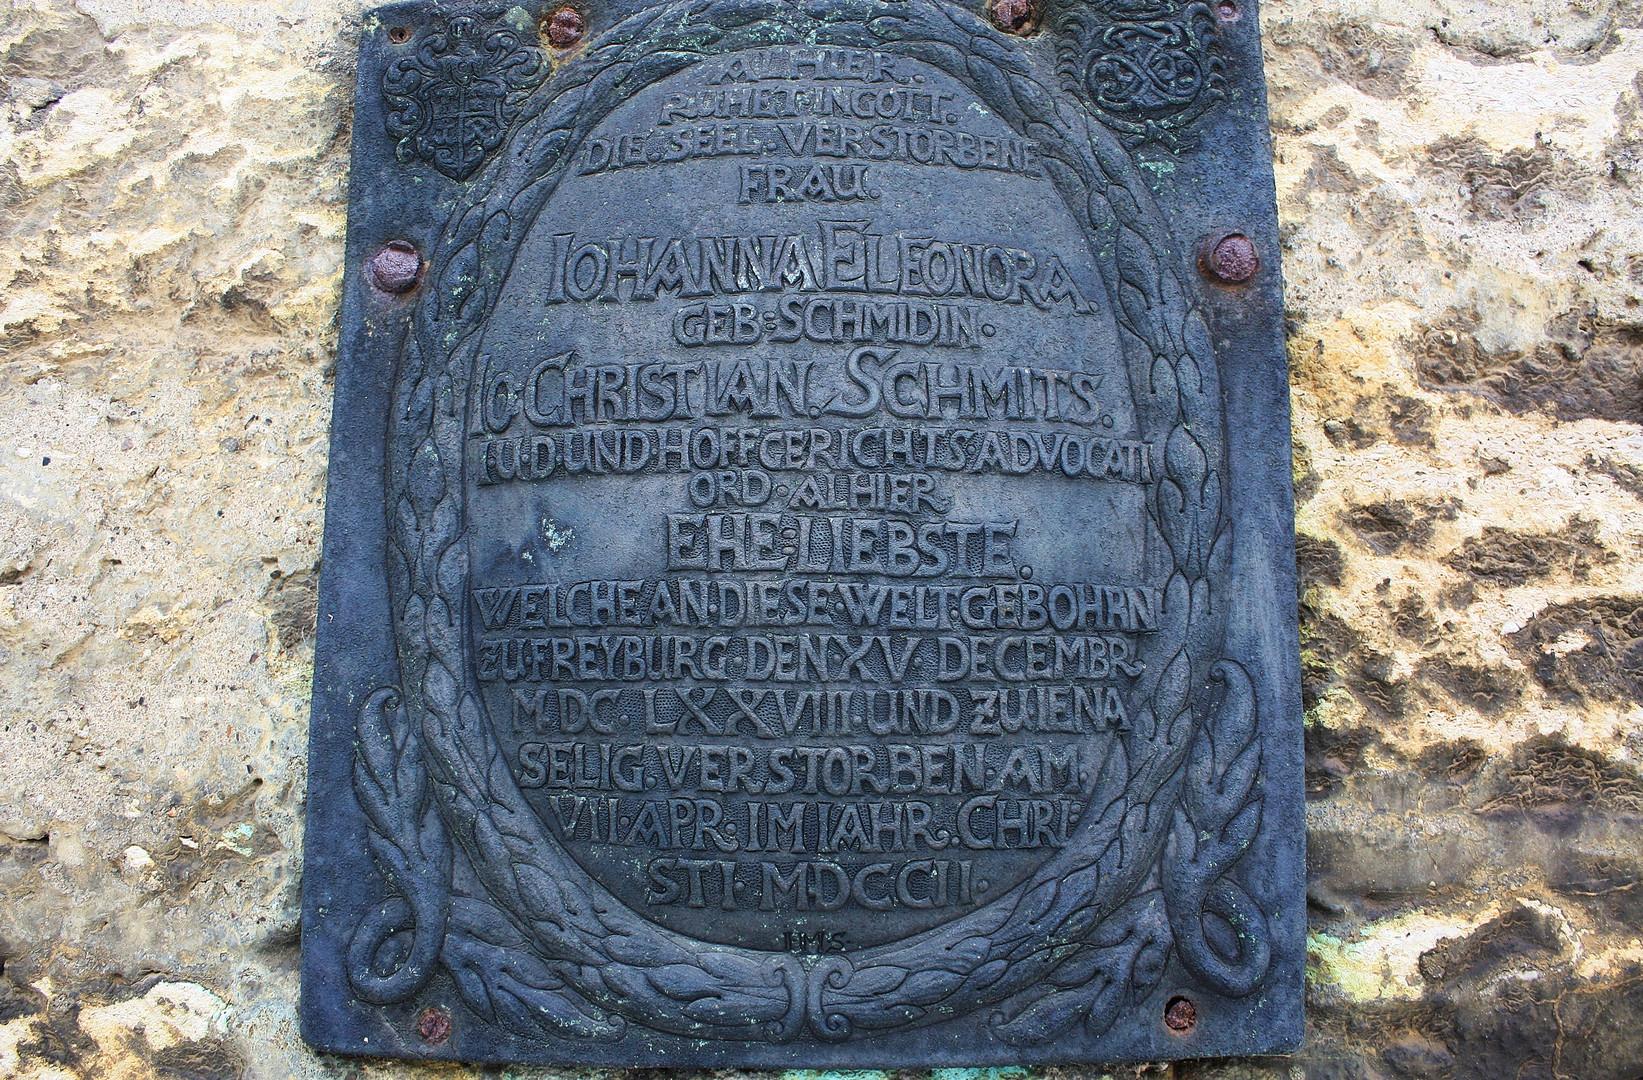 Geständnis auf dem Grabstein